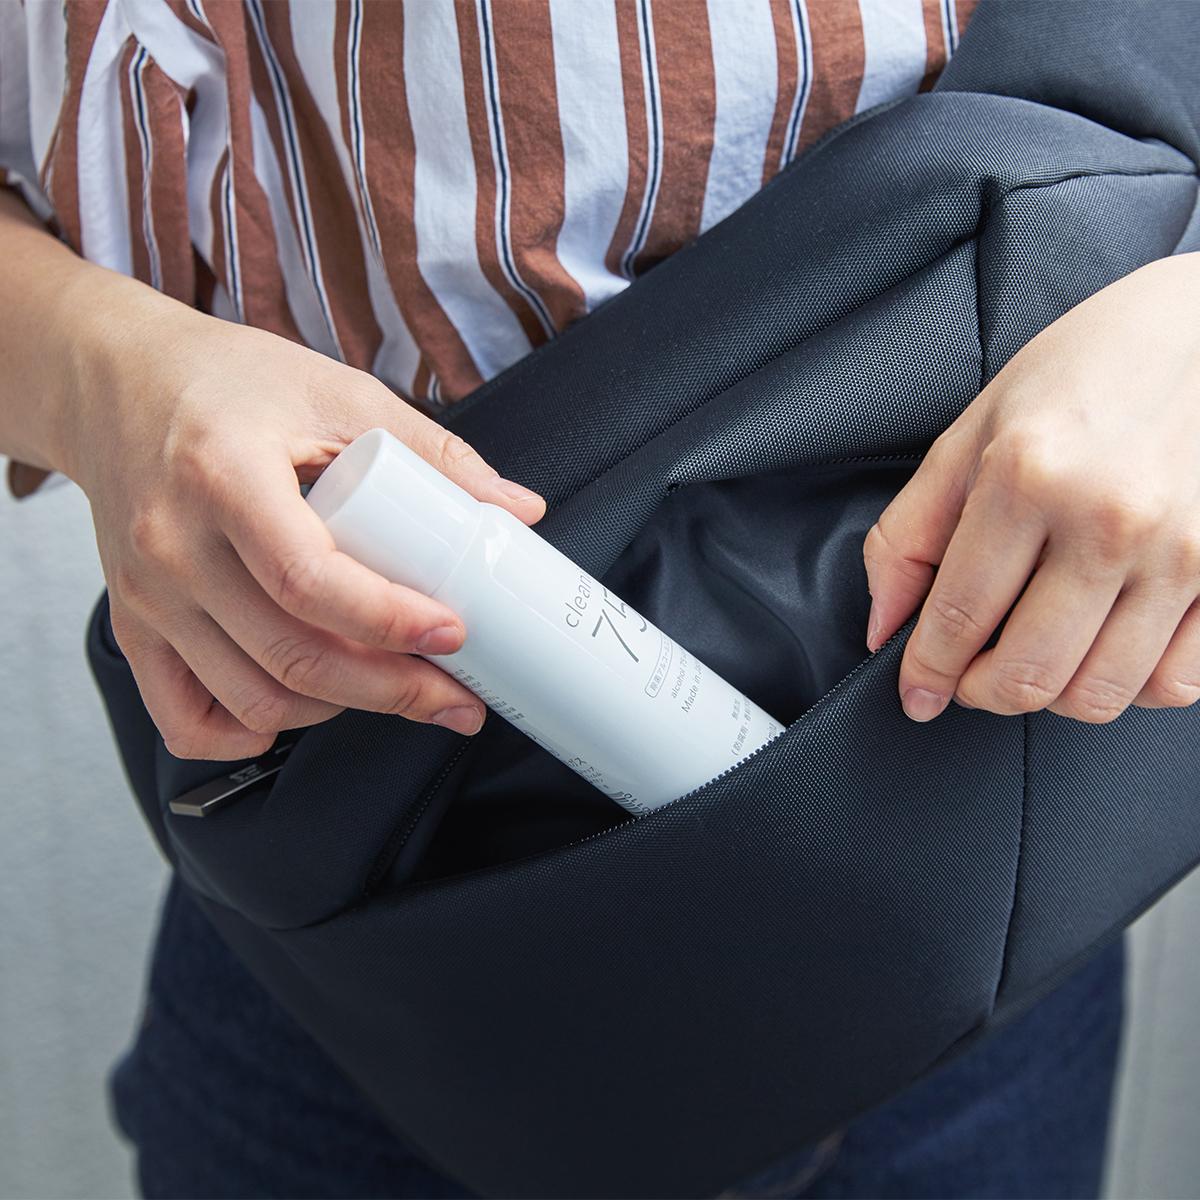 バッグのポケットに忍ばせて、高品質・高濃度のアルコール除菌を、いつでもどこでも!添加物無し、無添加の蒸発しにくいスプレー缶ボトルの携帯用「高濃度アルコール除菌スプレー」|クリニア75